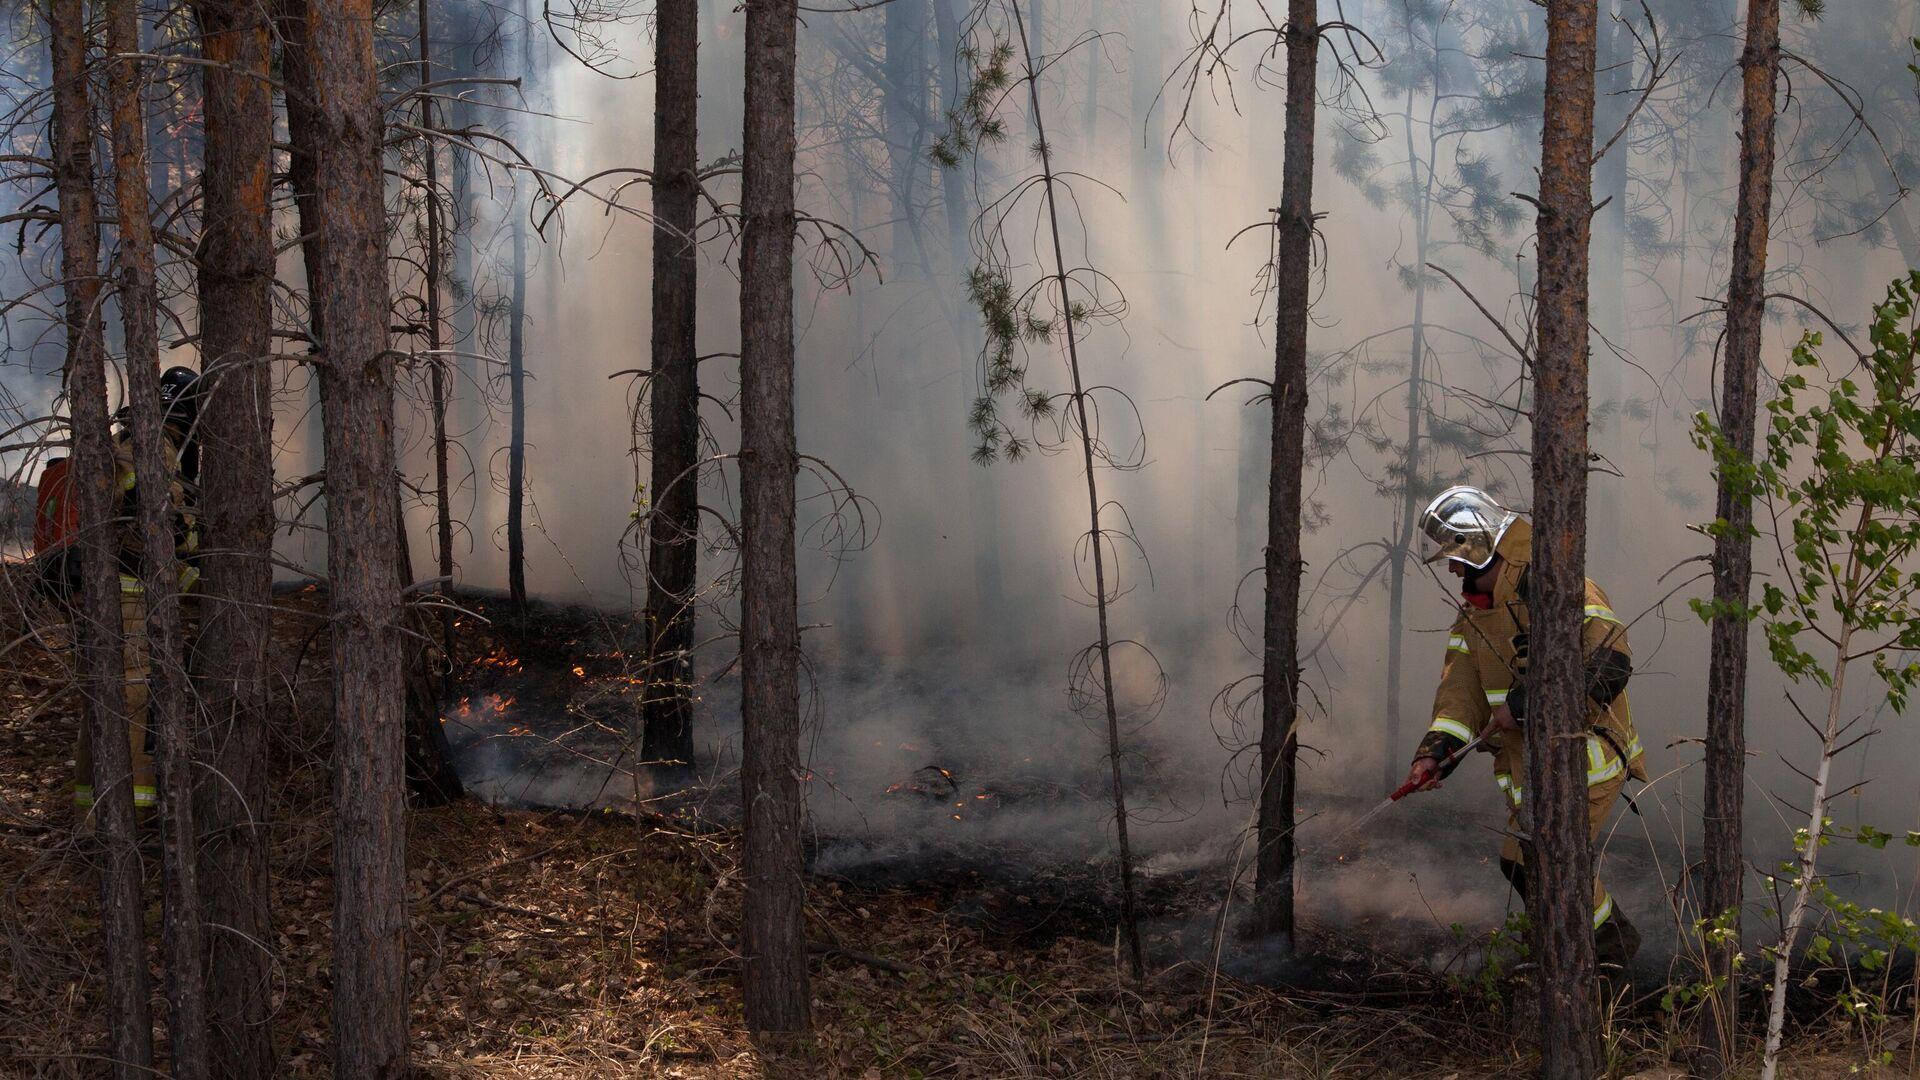 Рослесхоз предупредил об увеличении риска природных пожаров в регионах